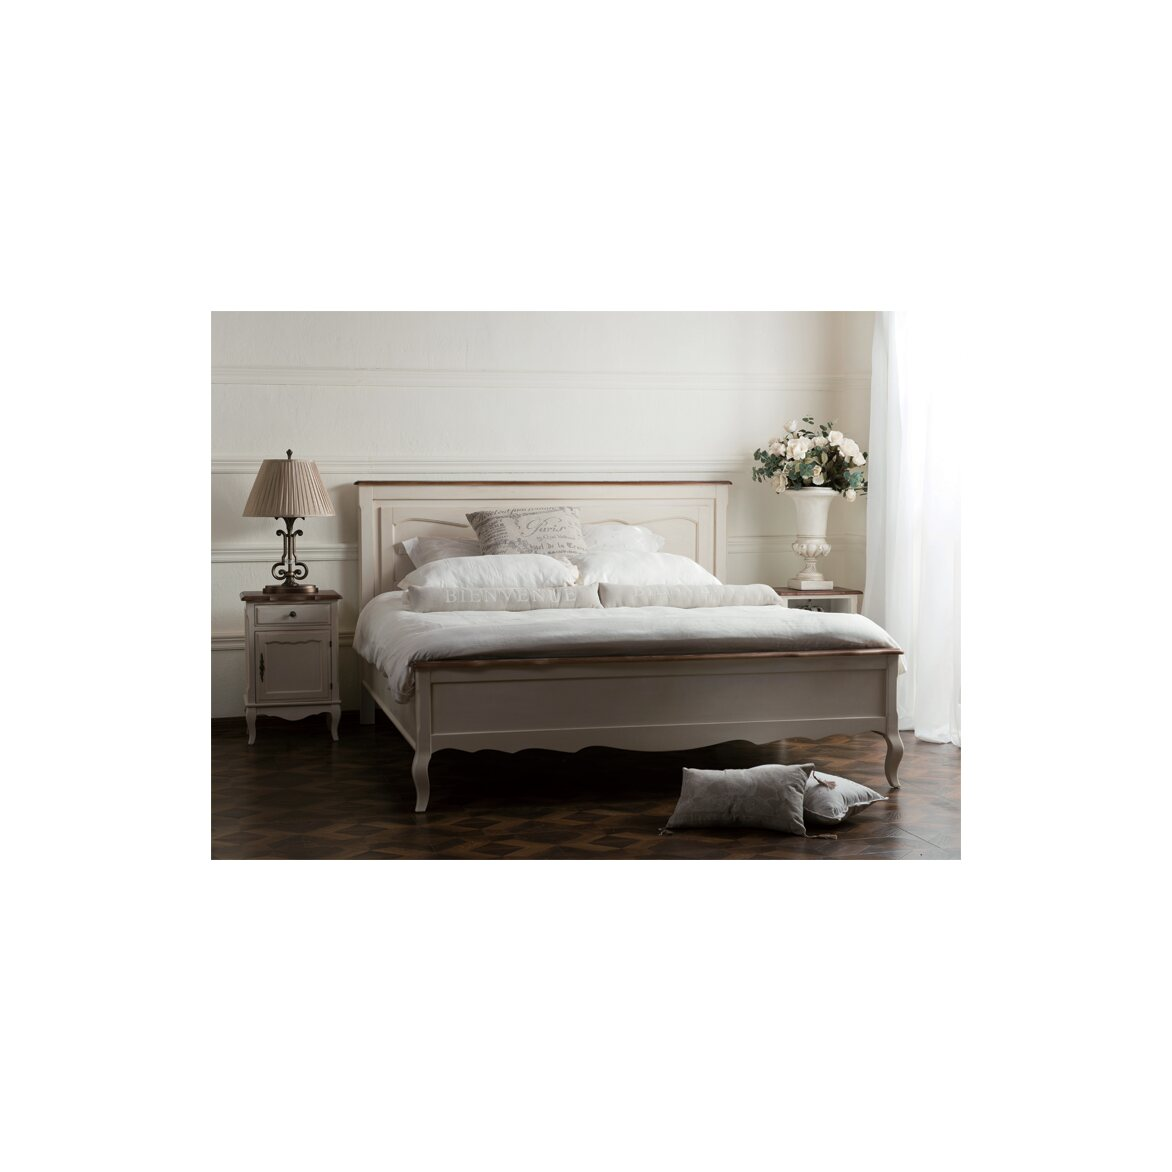 Кровать 140*200 Leontina, бежевого цвета 4 | Односпальные кровати Kingsby